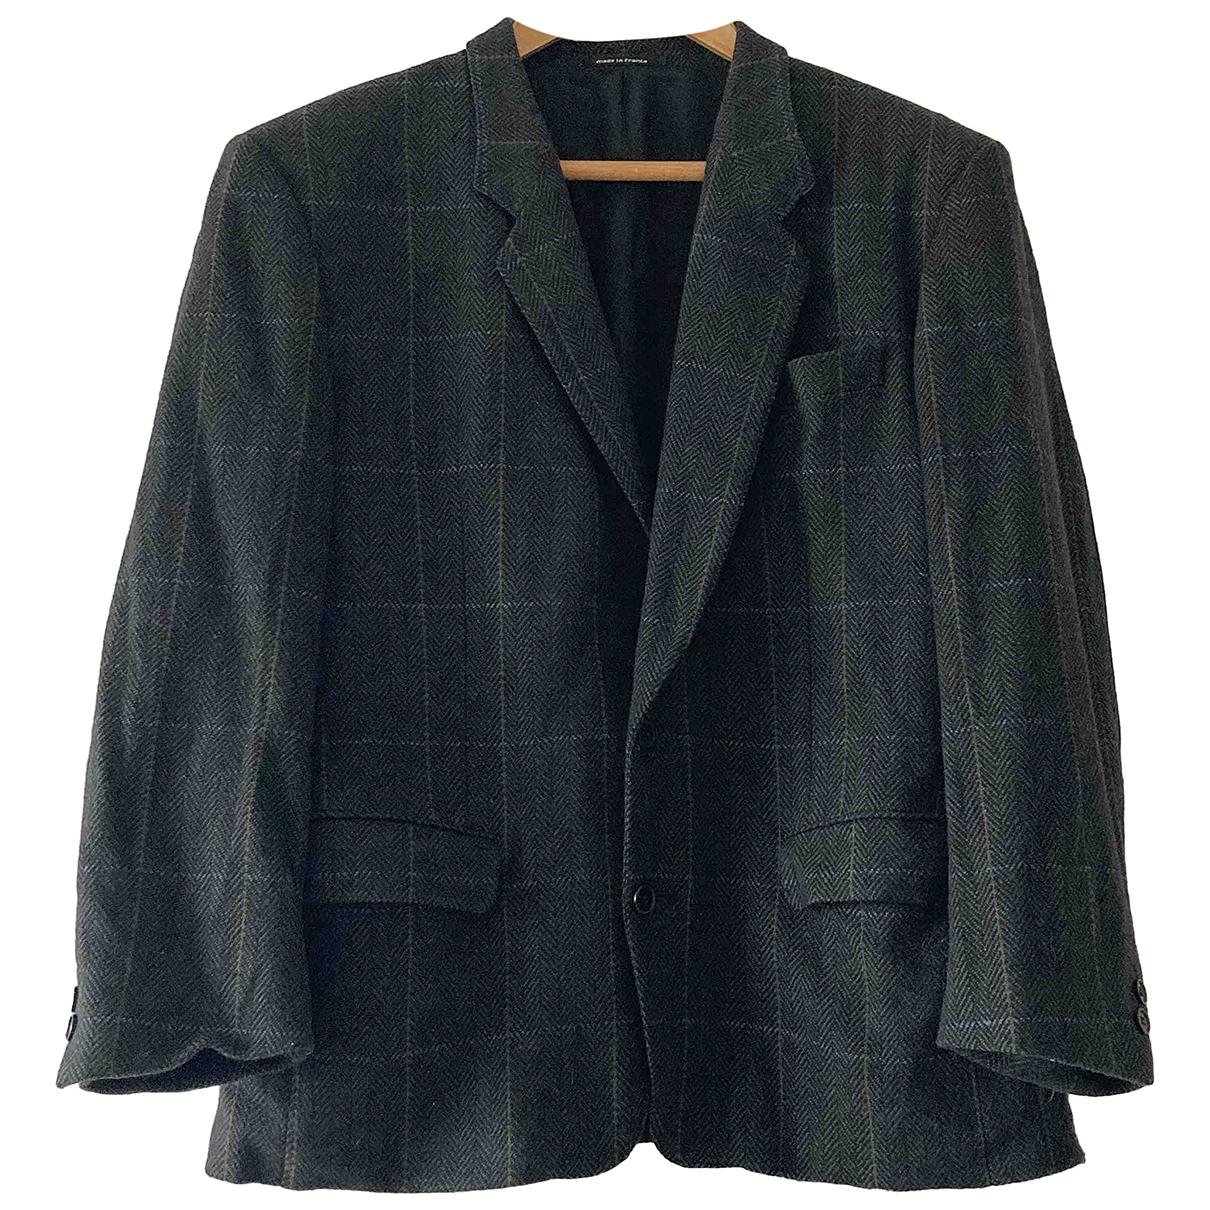 Pierre Balmain - Vestes.Blousons   pour homme en laine - vert